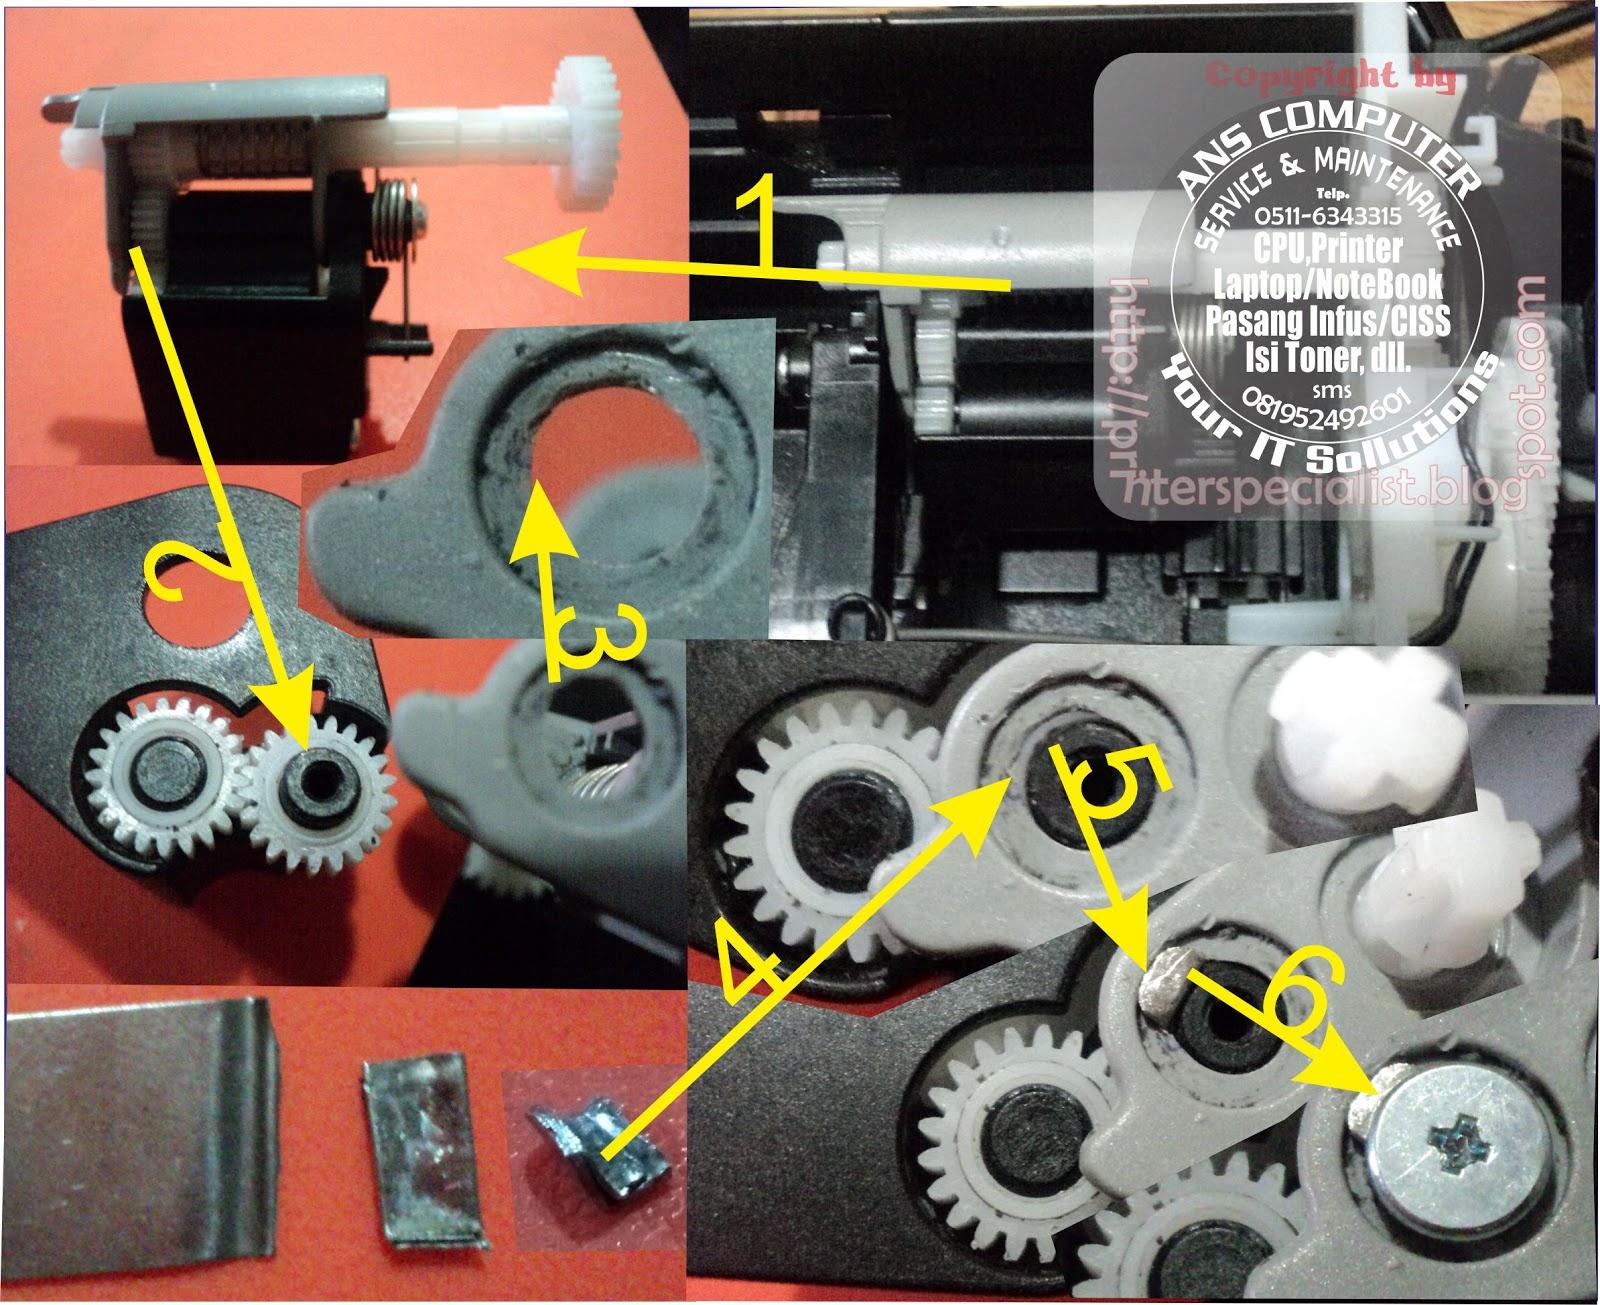 http://1.bp.blogspot.com/-x7W87NeAK1Q/T7LpATMQ1xI/AAAAAAAAAKw/qFOvASPXpqs/s1600/ES+T11+T13+DKK+PAPERJAMP.jpg